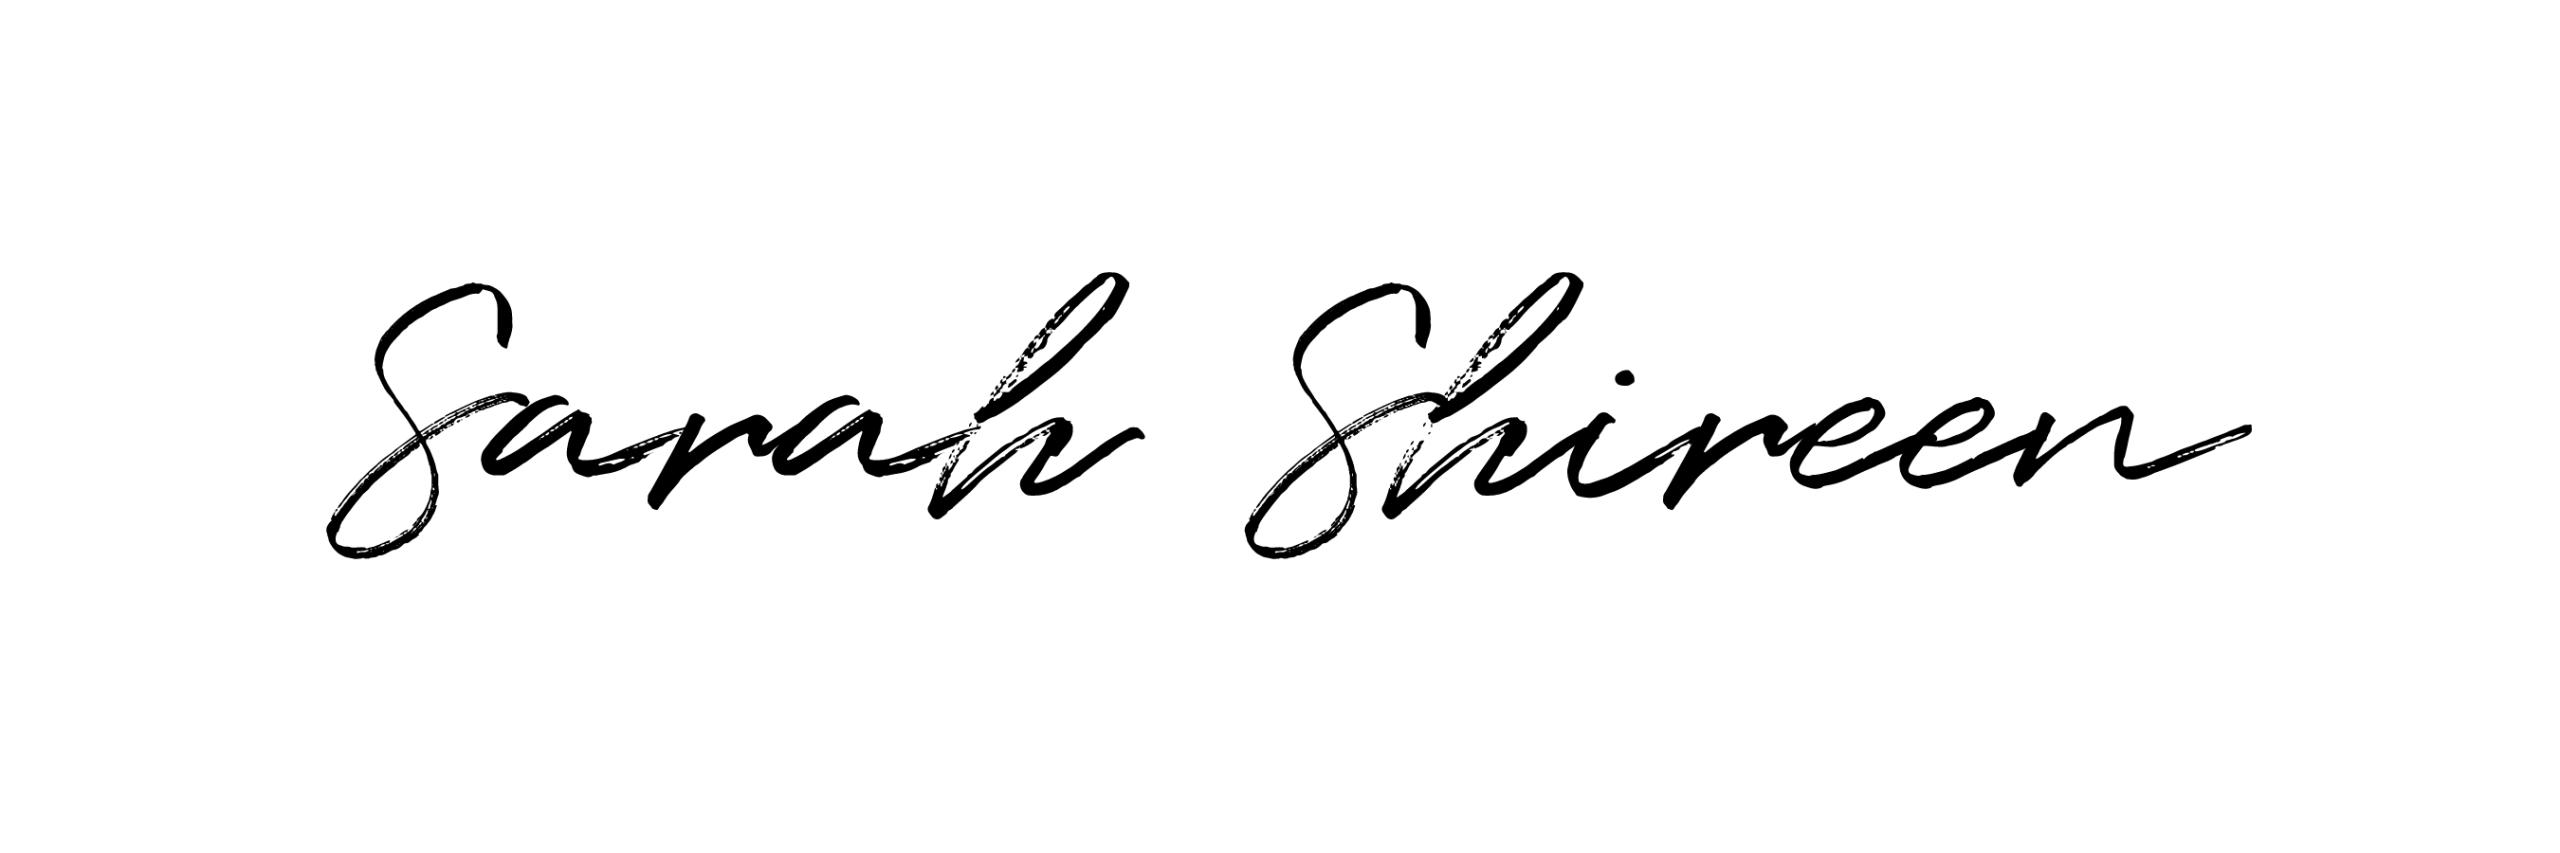 Sarah Shireen